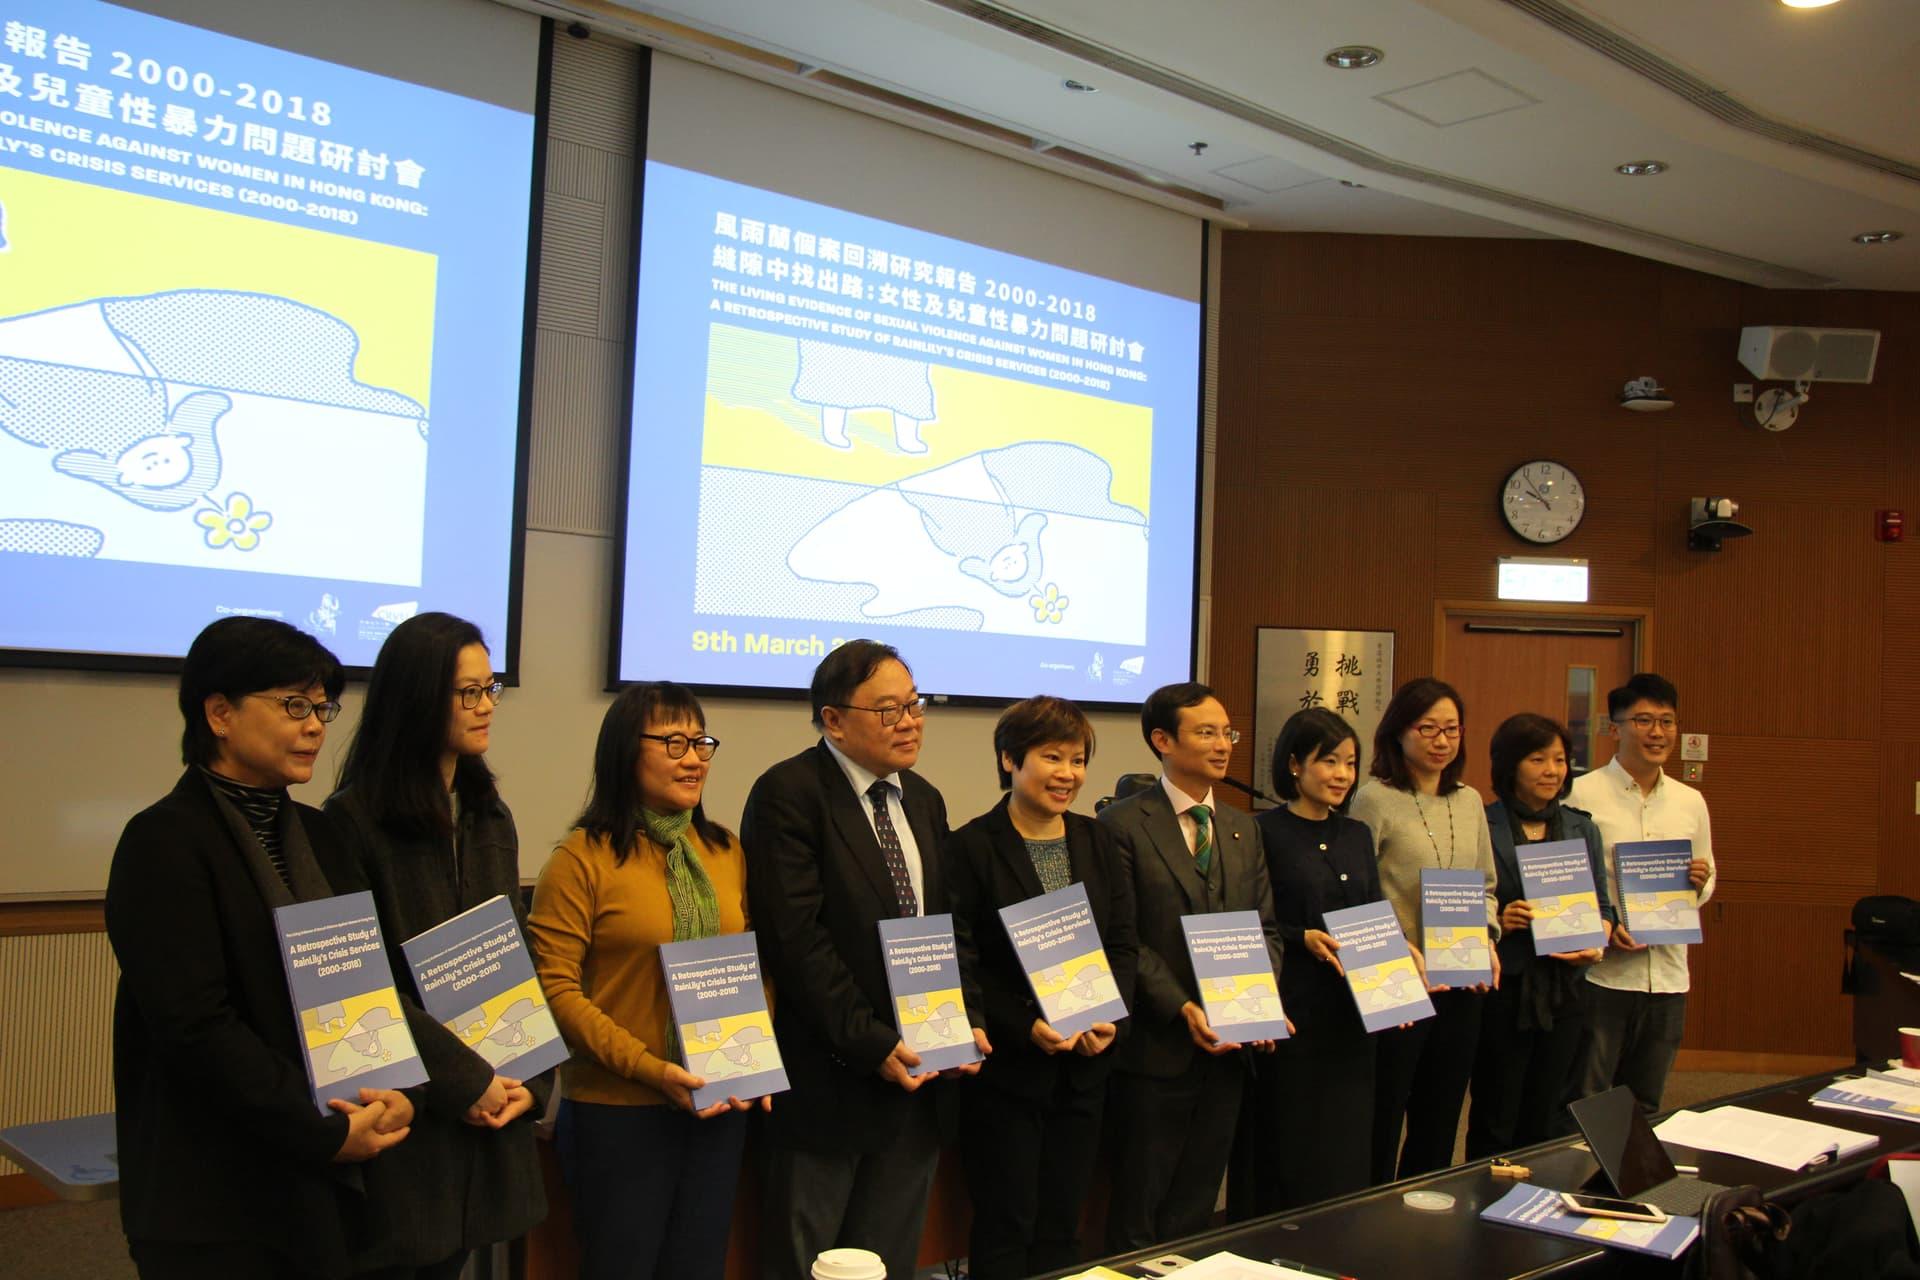 (左起) 梁麗清博士、洪雪蓮博士、馬碧筠大律師、霍婉紅女士、馬宣立博士、王秀容女士、陳沛然醫生、莊慧敏女士、黃瑞紅大律師、陳詠儀女士、邱志衡博士